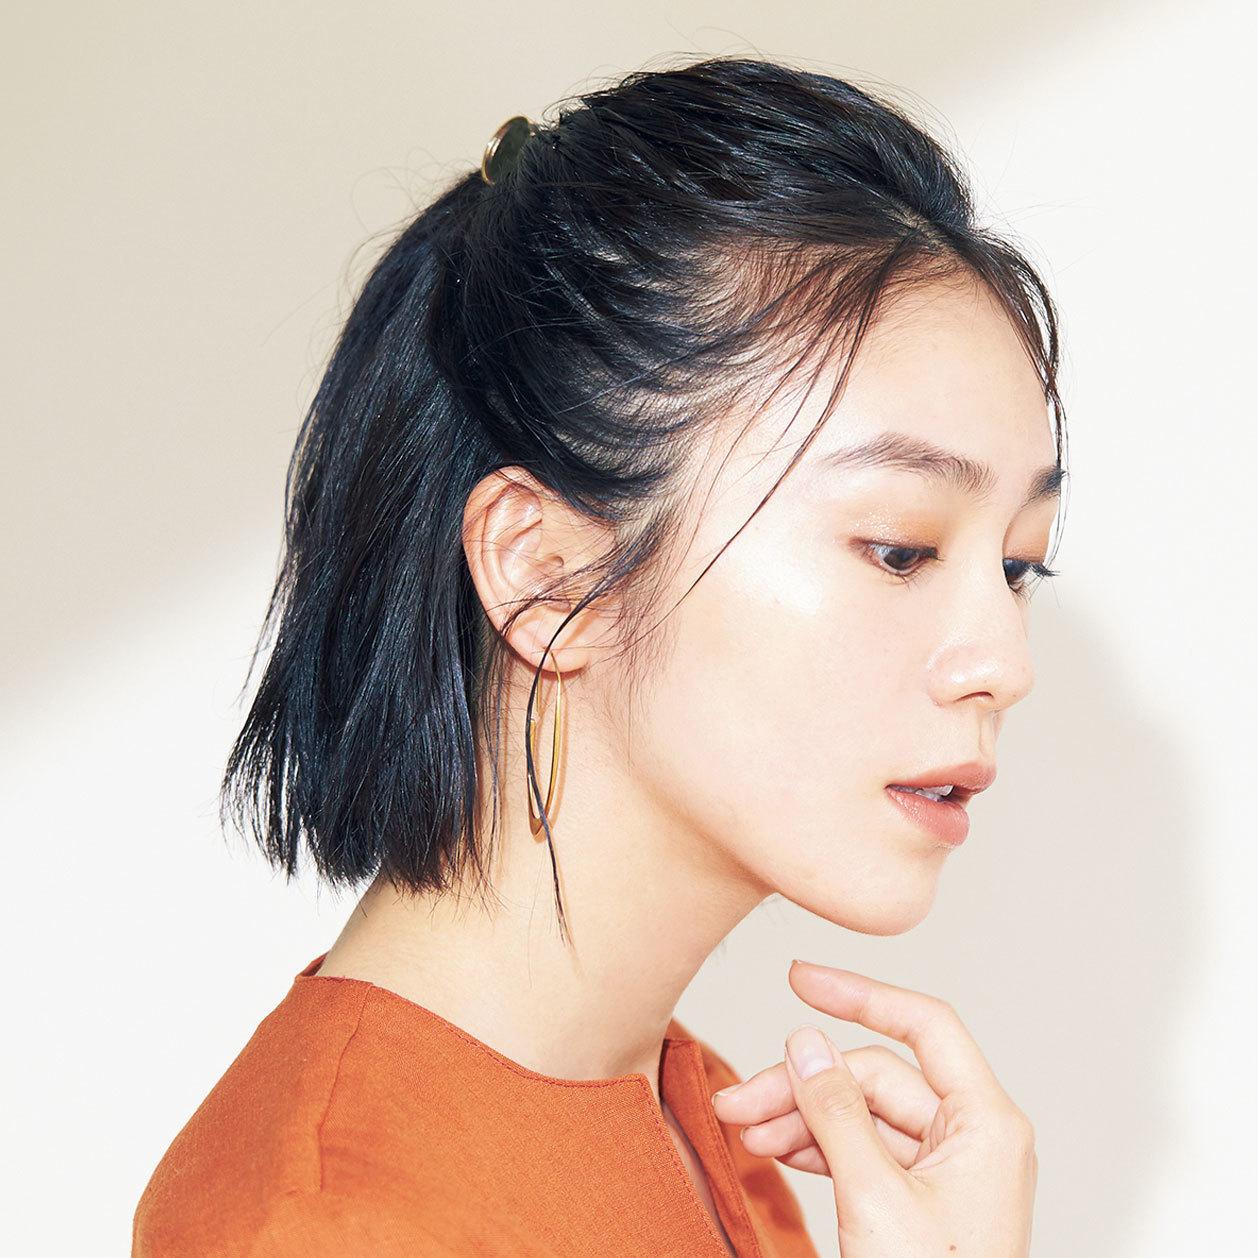 40代のヘアアレンジ・ヘアスタイリング|2019年間人気ランキングTOP10_1_31